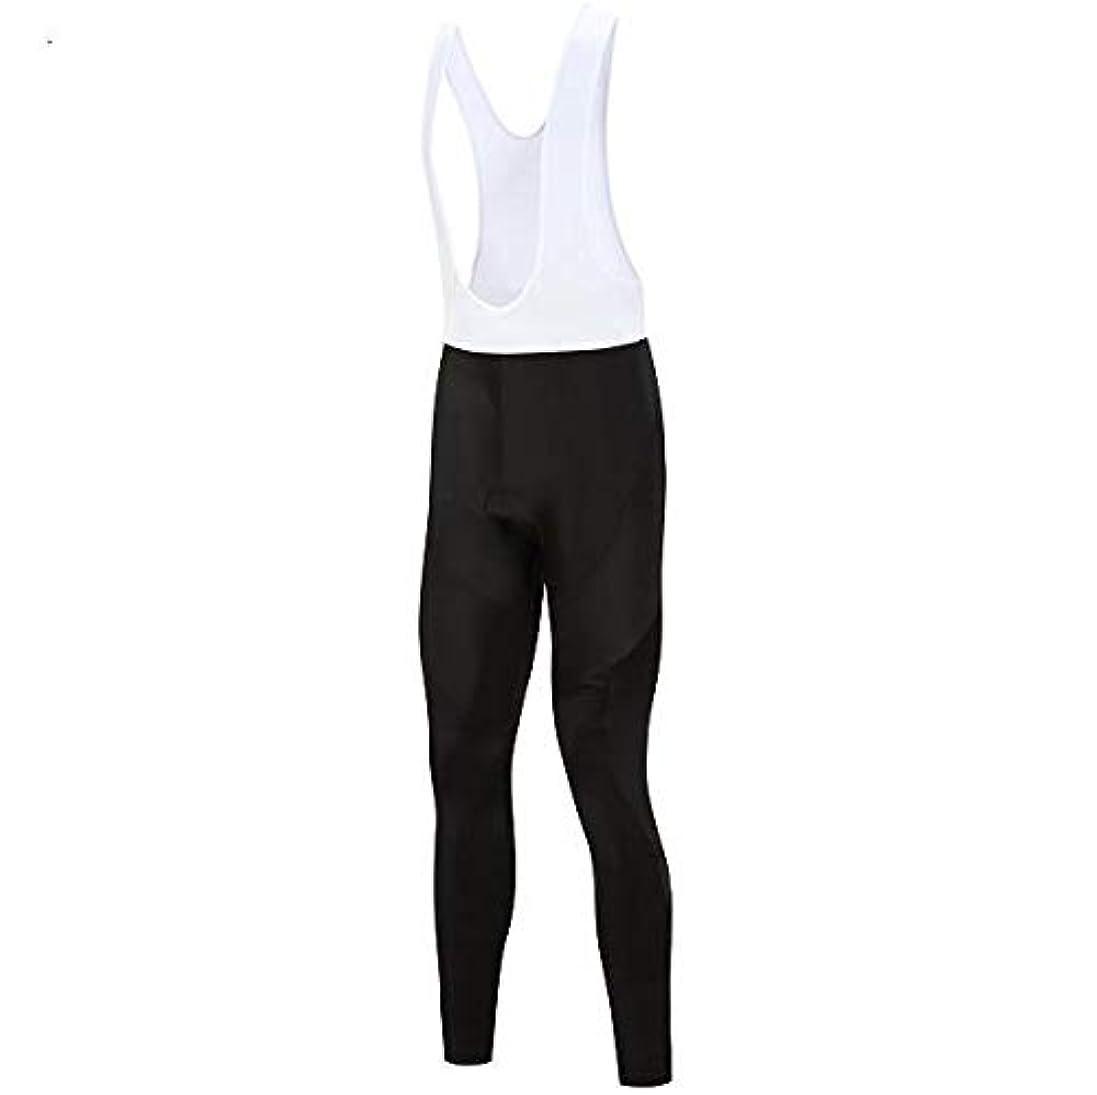 全体拷問海女性の道路服は、女性のサイクリングジャージージェルパッドよだれかけパンツキットが服スーツのMtbマイヨ服を着用して設定します。 (Color : Pants 2, サイズ : S)